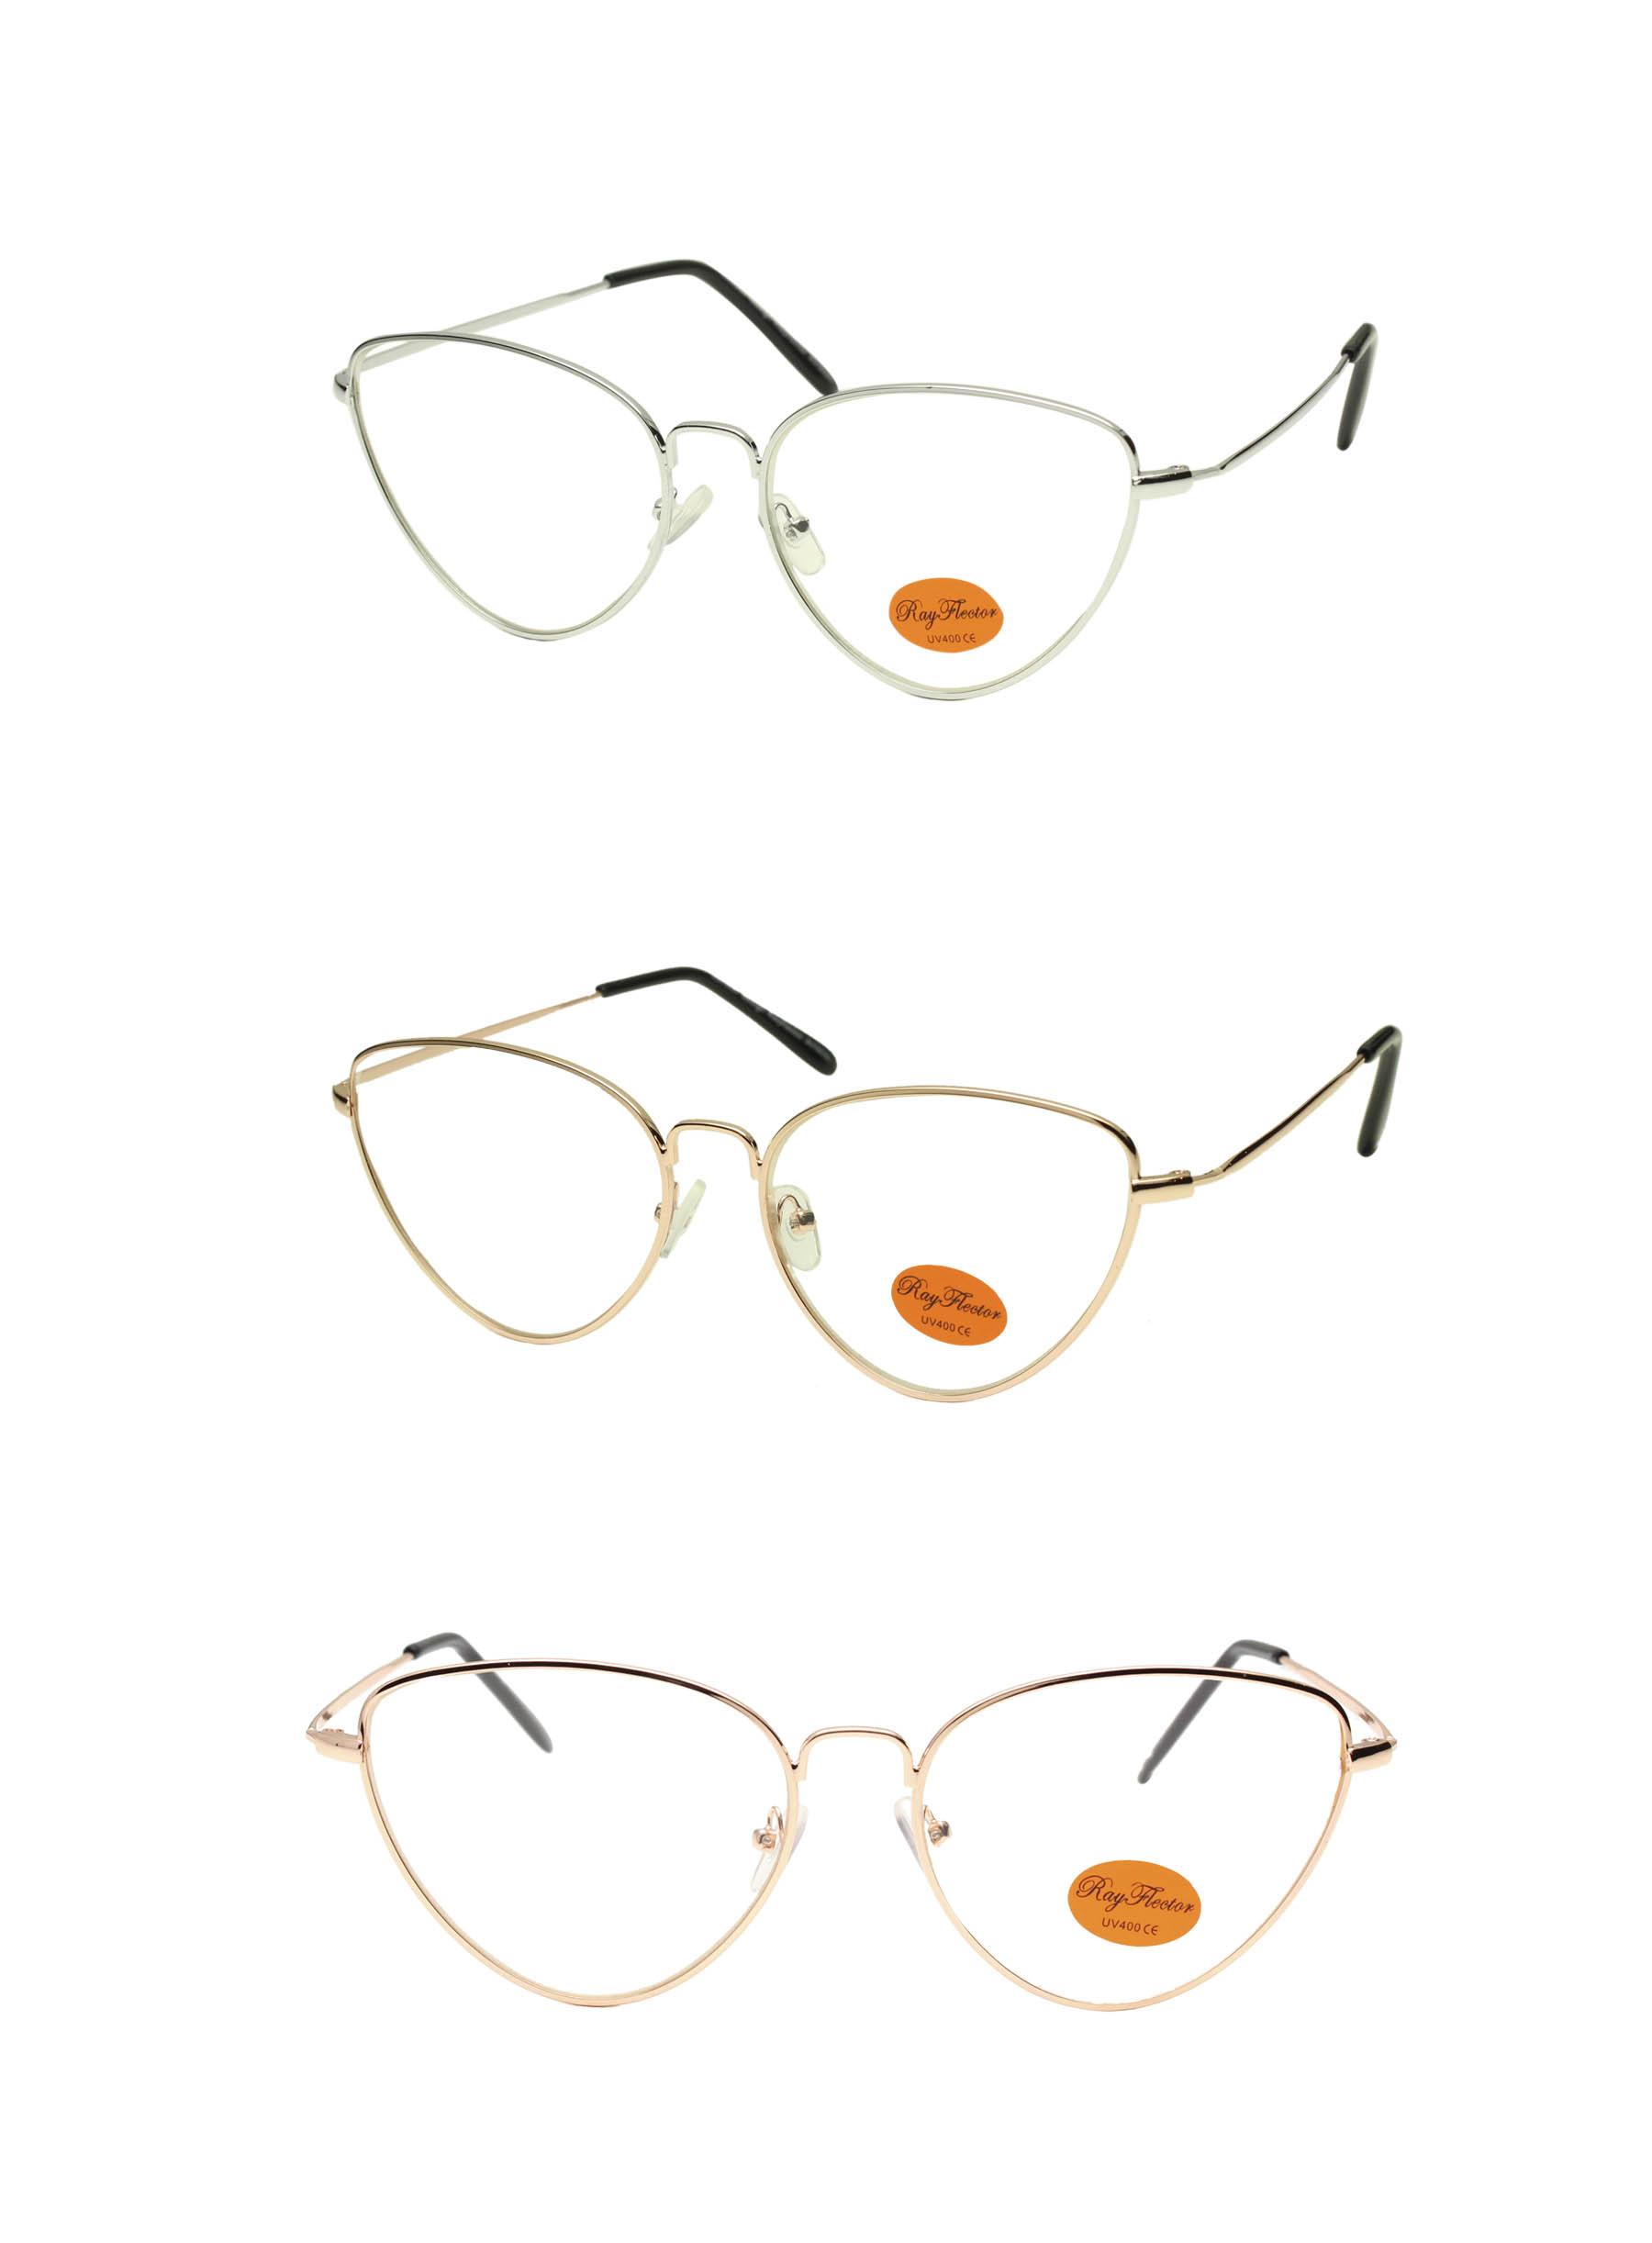 c66c58c0a79 clear lens sunglasses